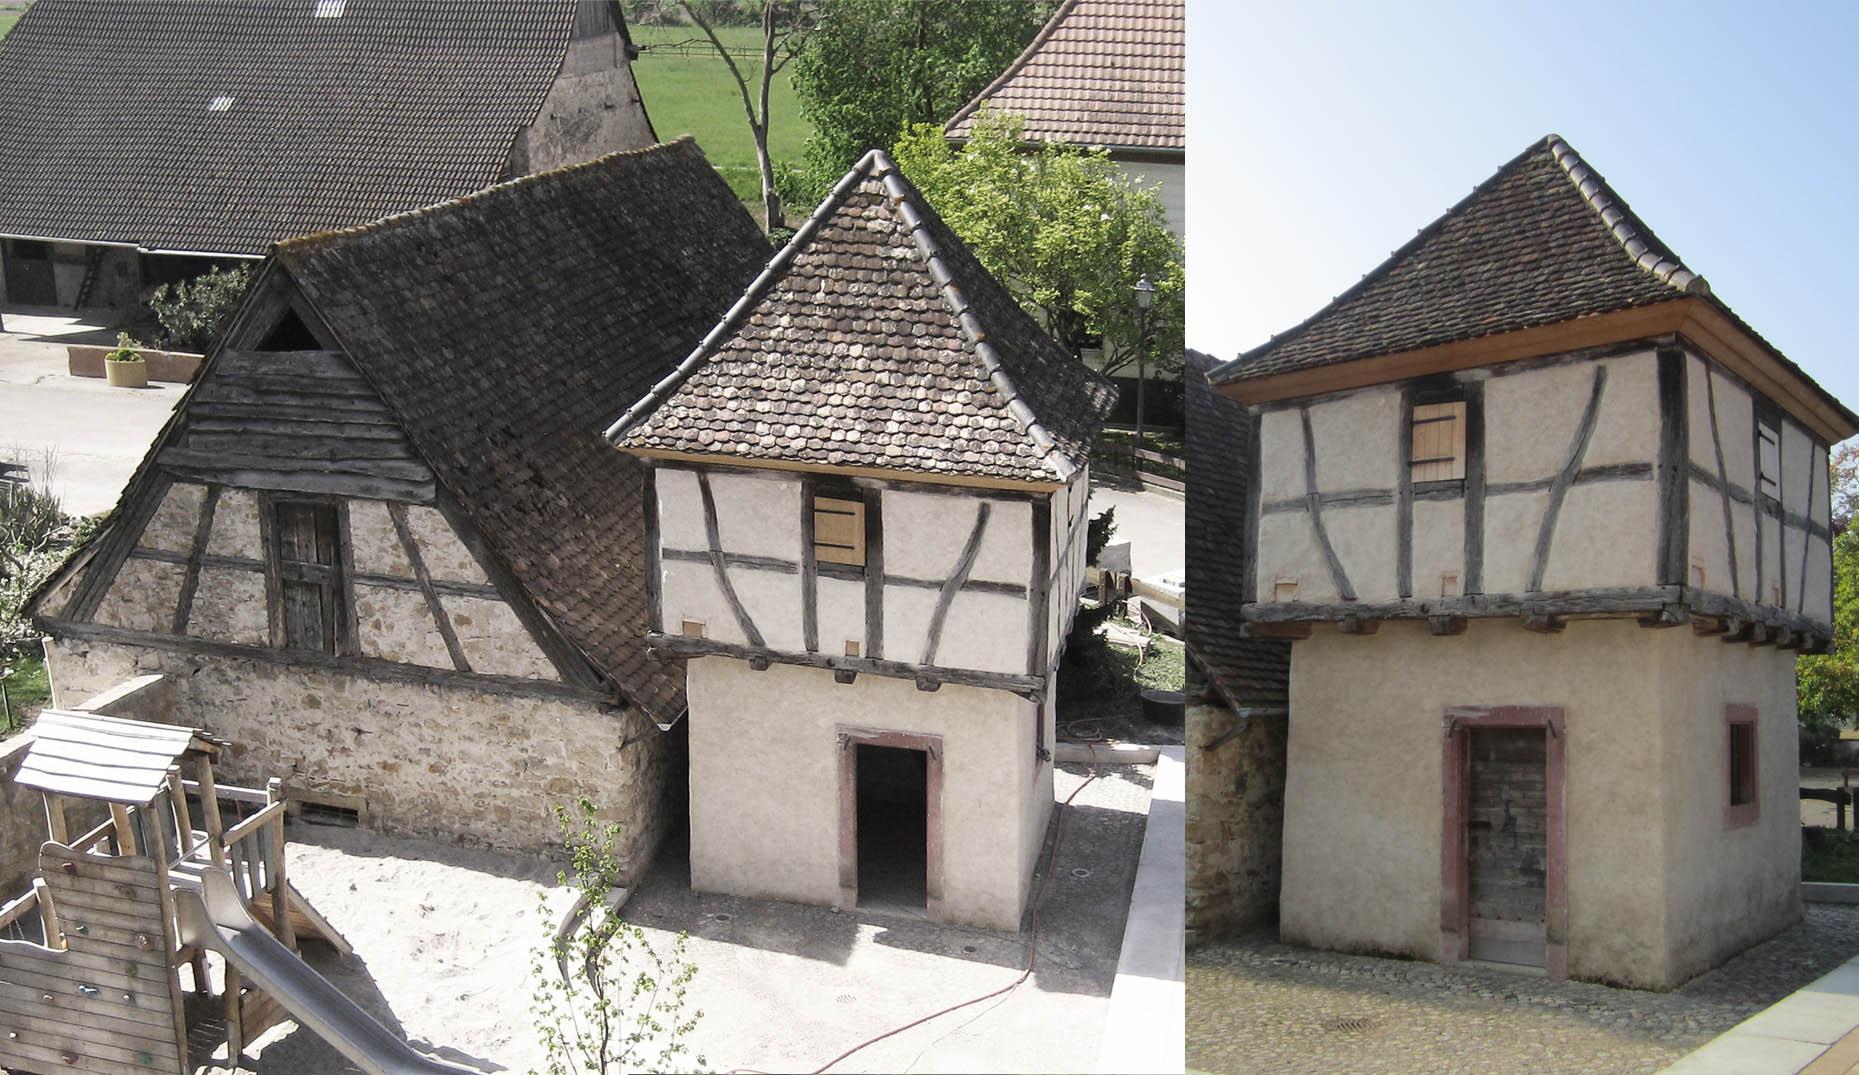 Der sanierte Taubenturm in Grezhausen